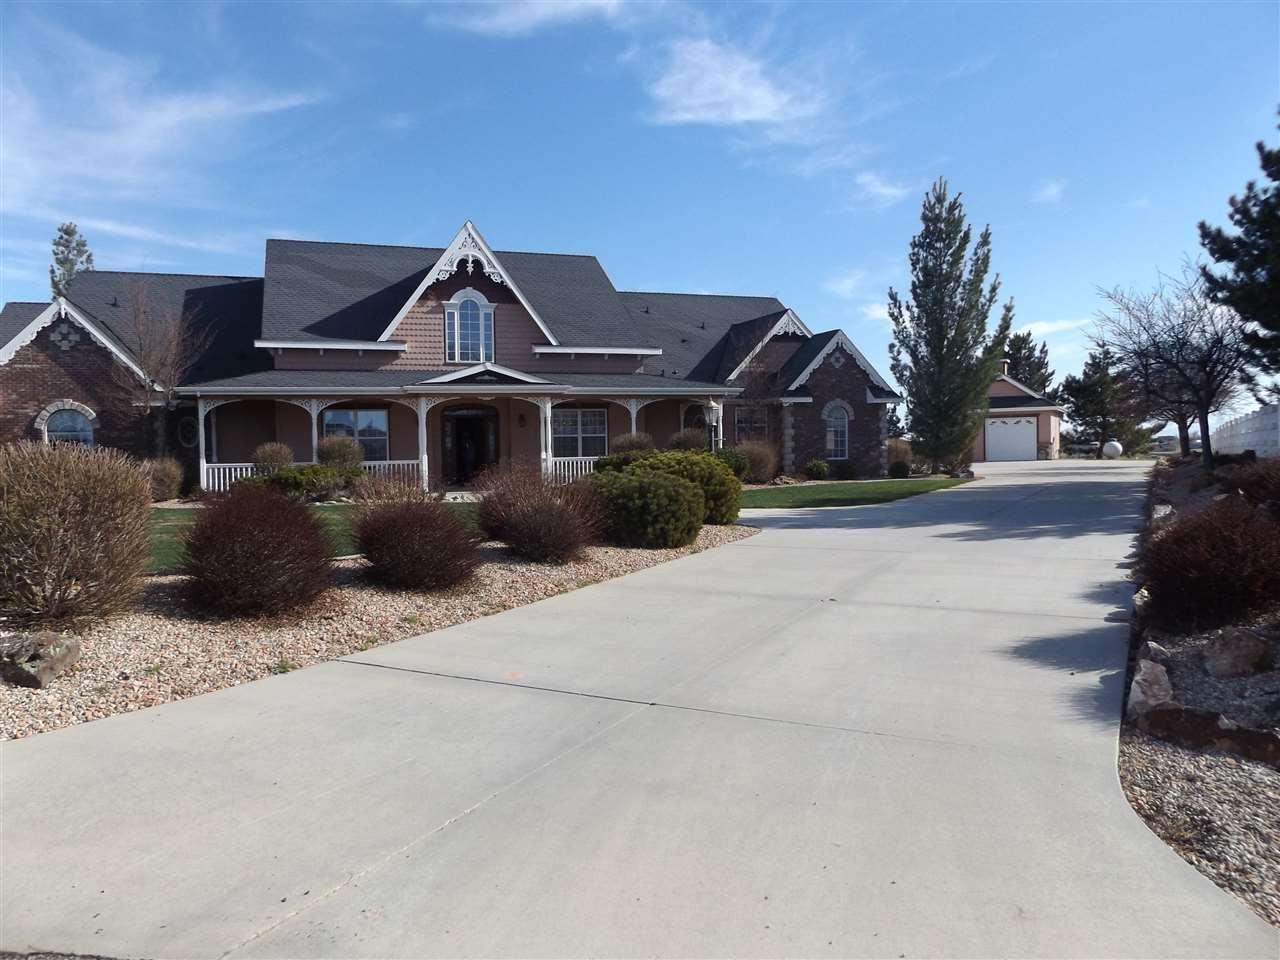 独户住宅 为 销售 在 9865 Grand Targhee Trail Middleton, 爱达荷州 83644